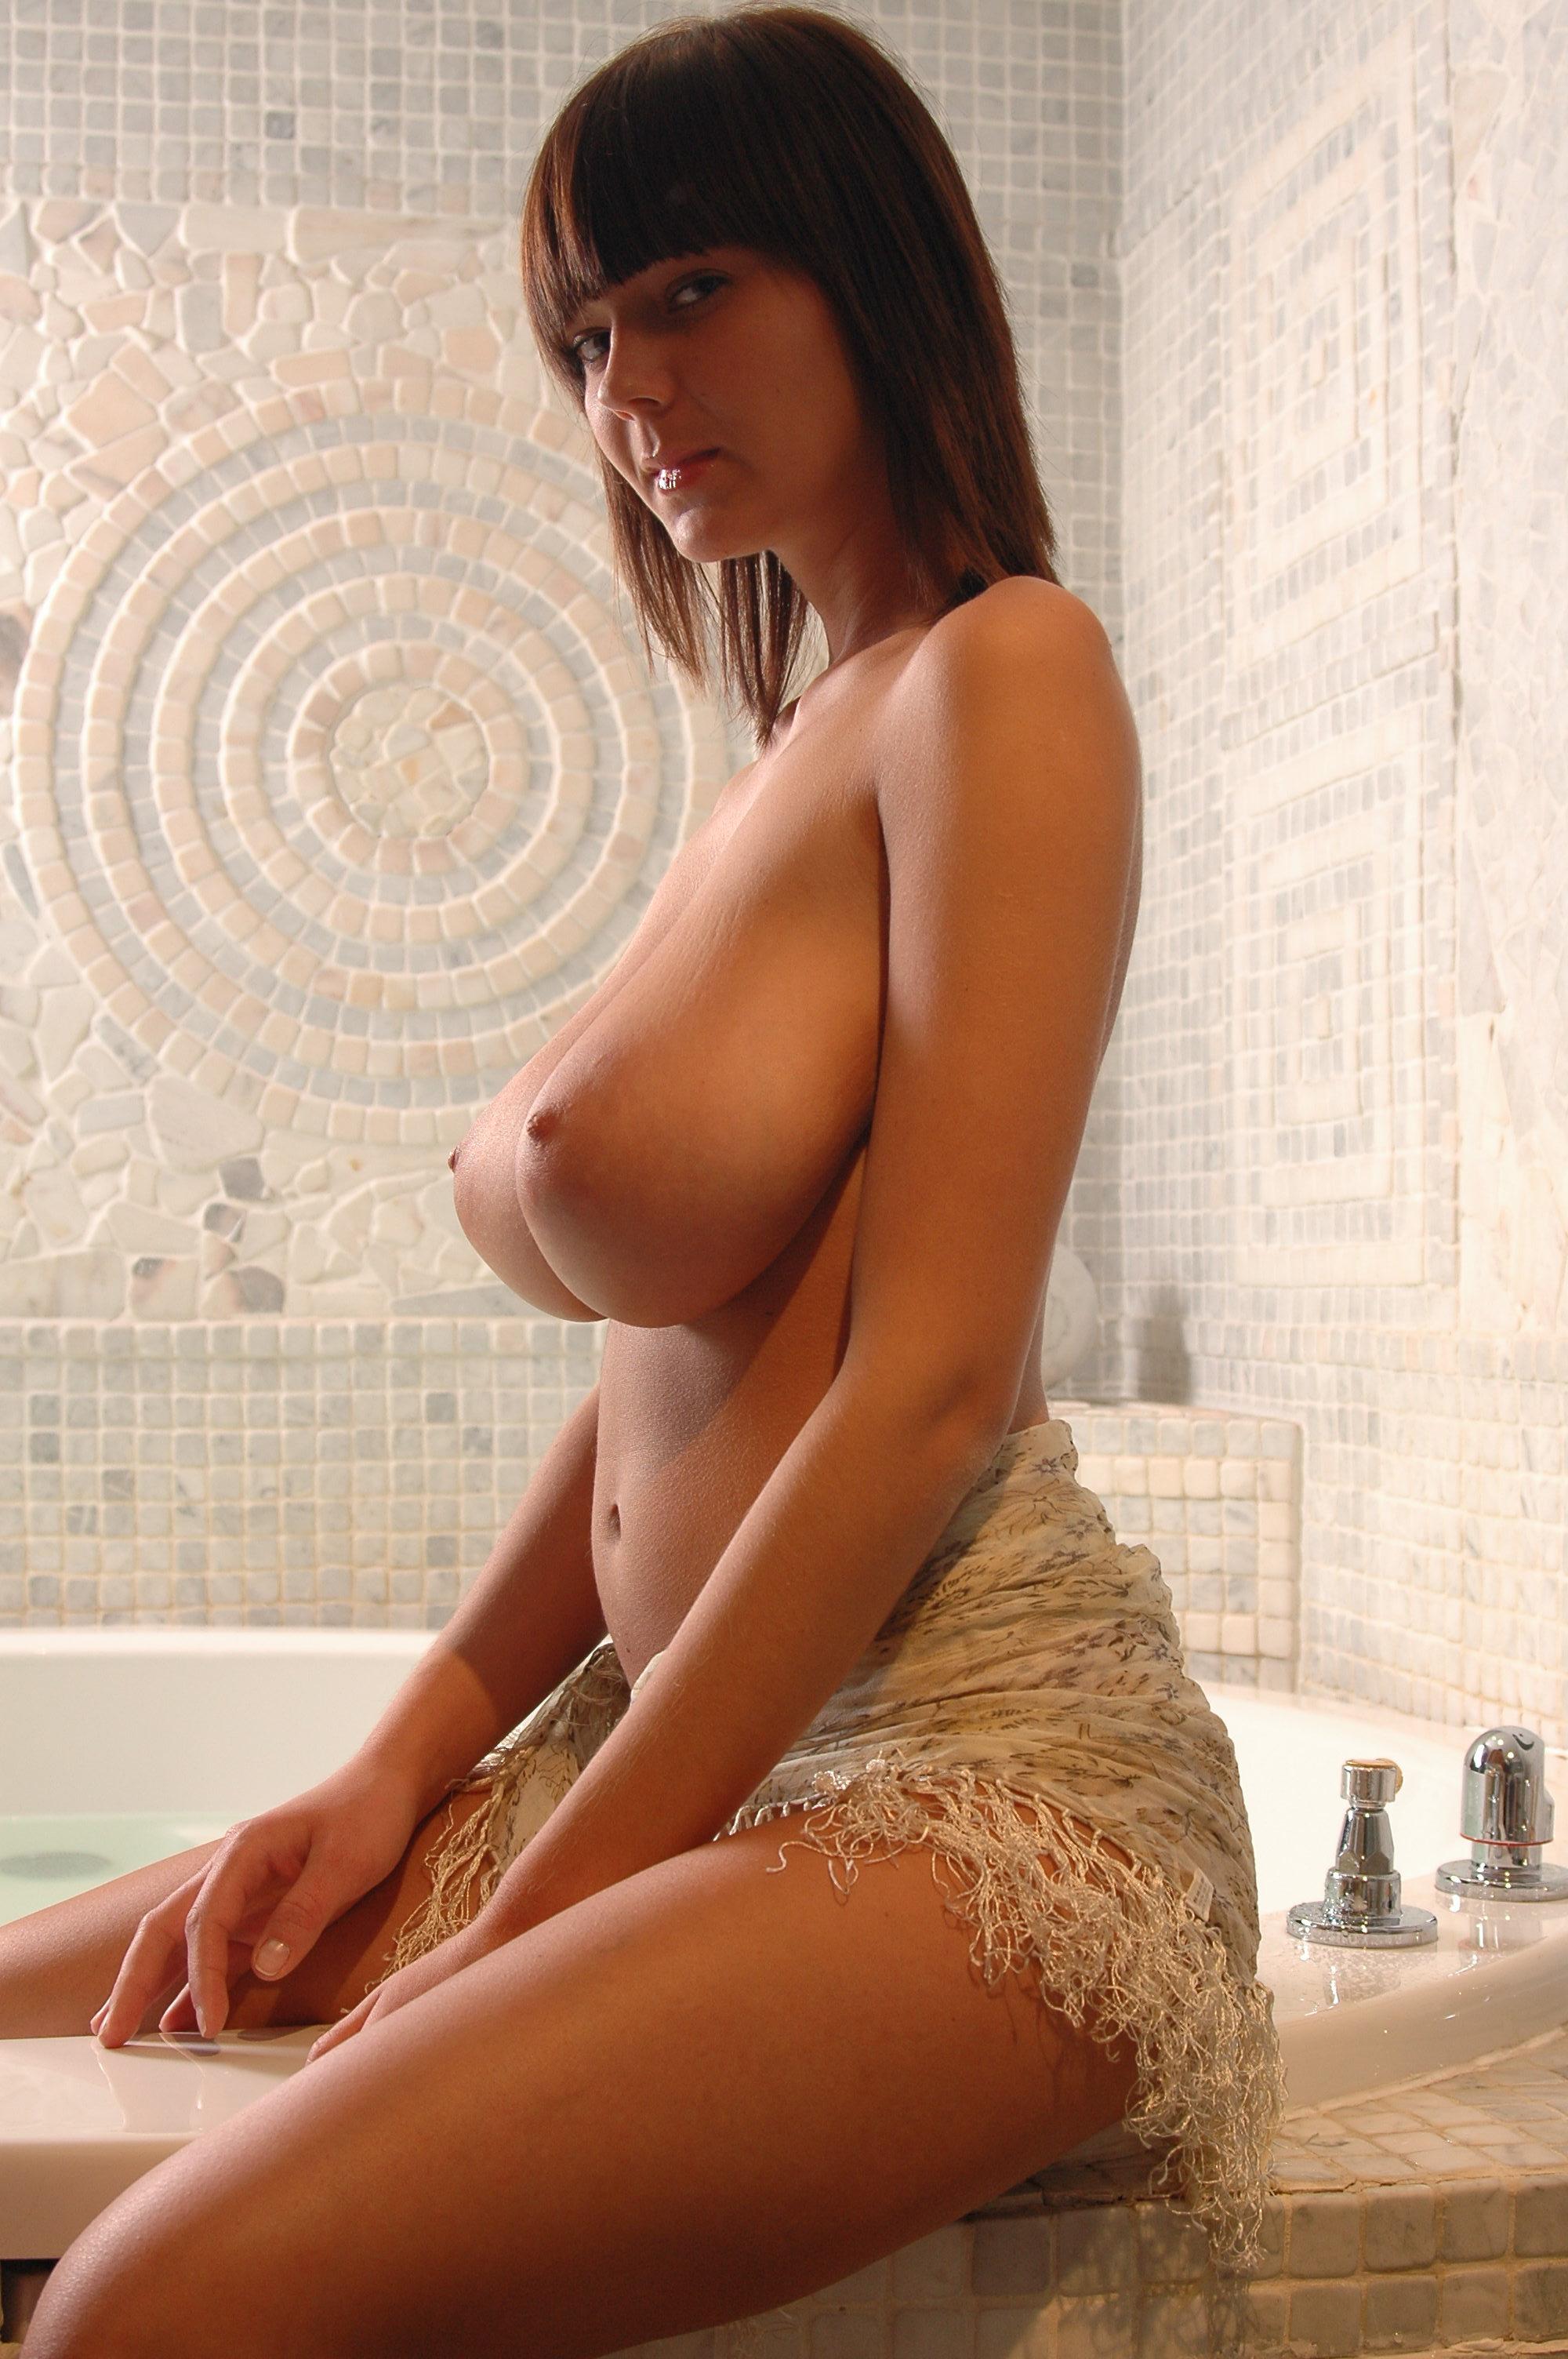 Худышка с грудью 3 размера 24 фотография